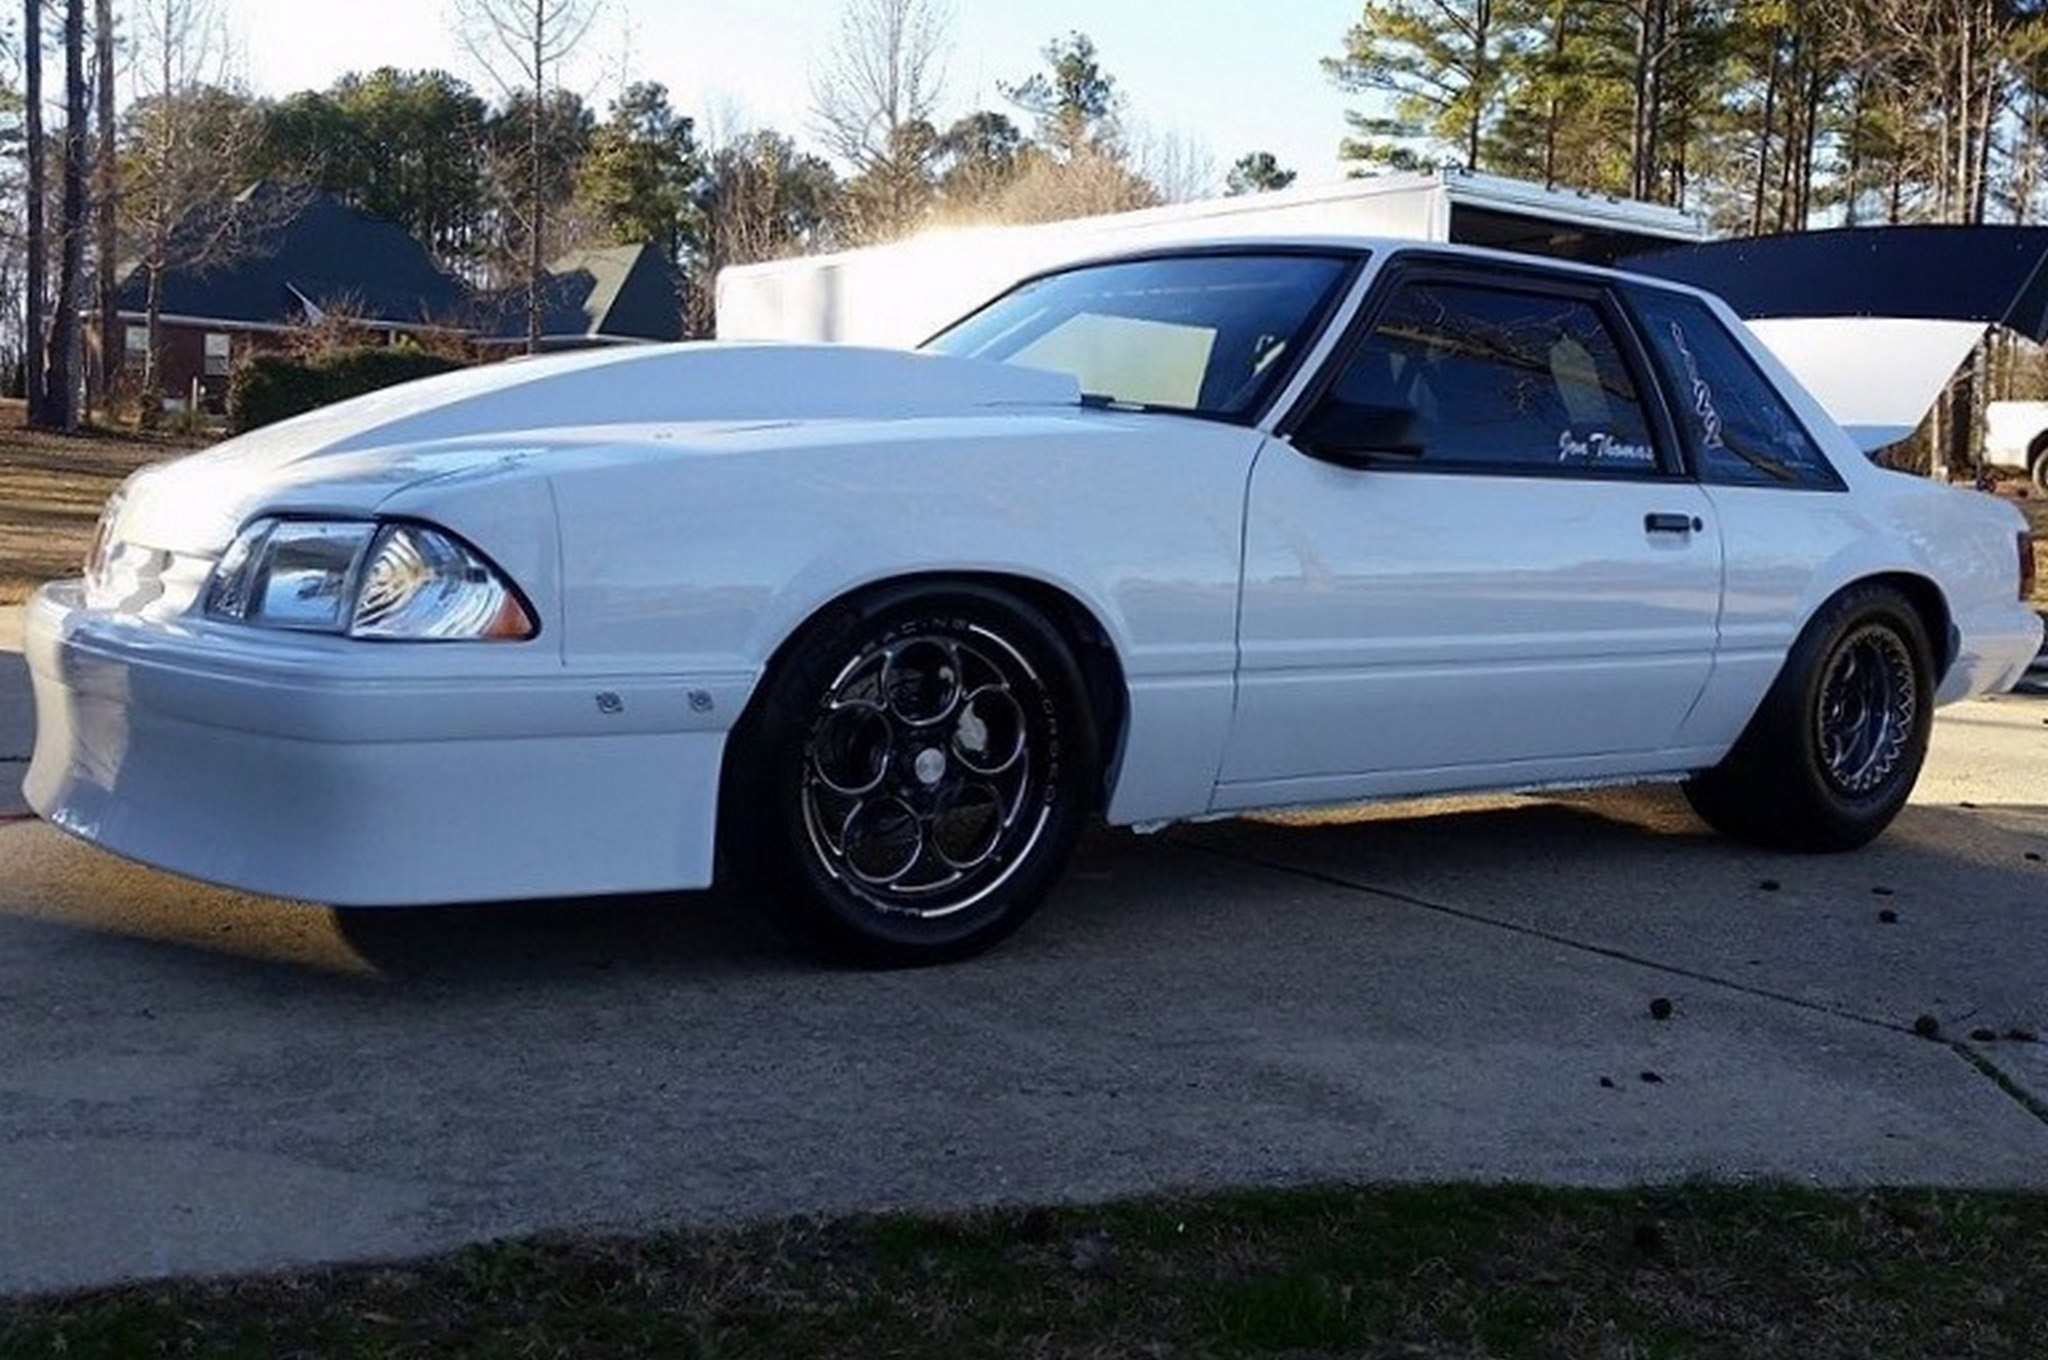 1991 Jon Thomas X275 Coupe